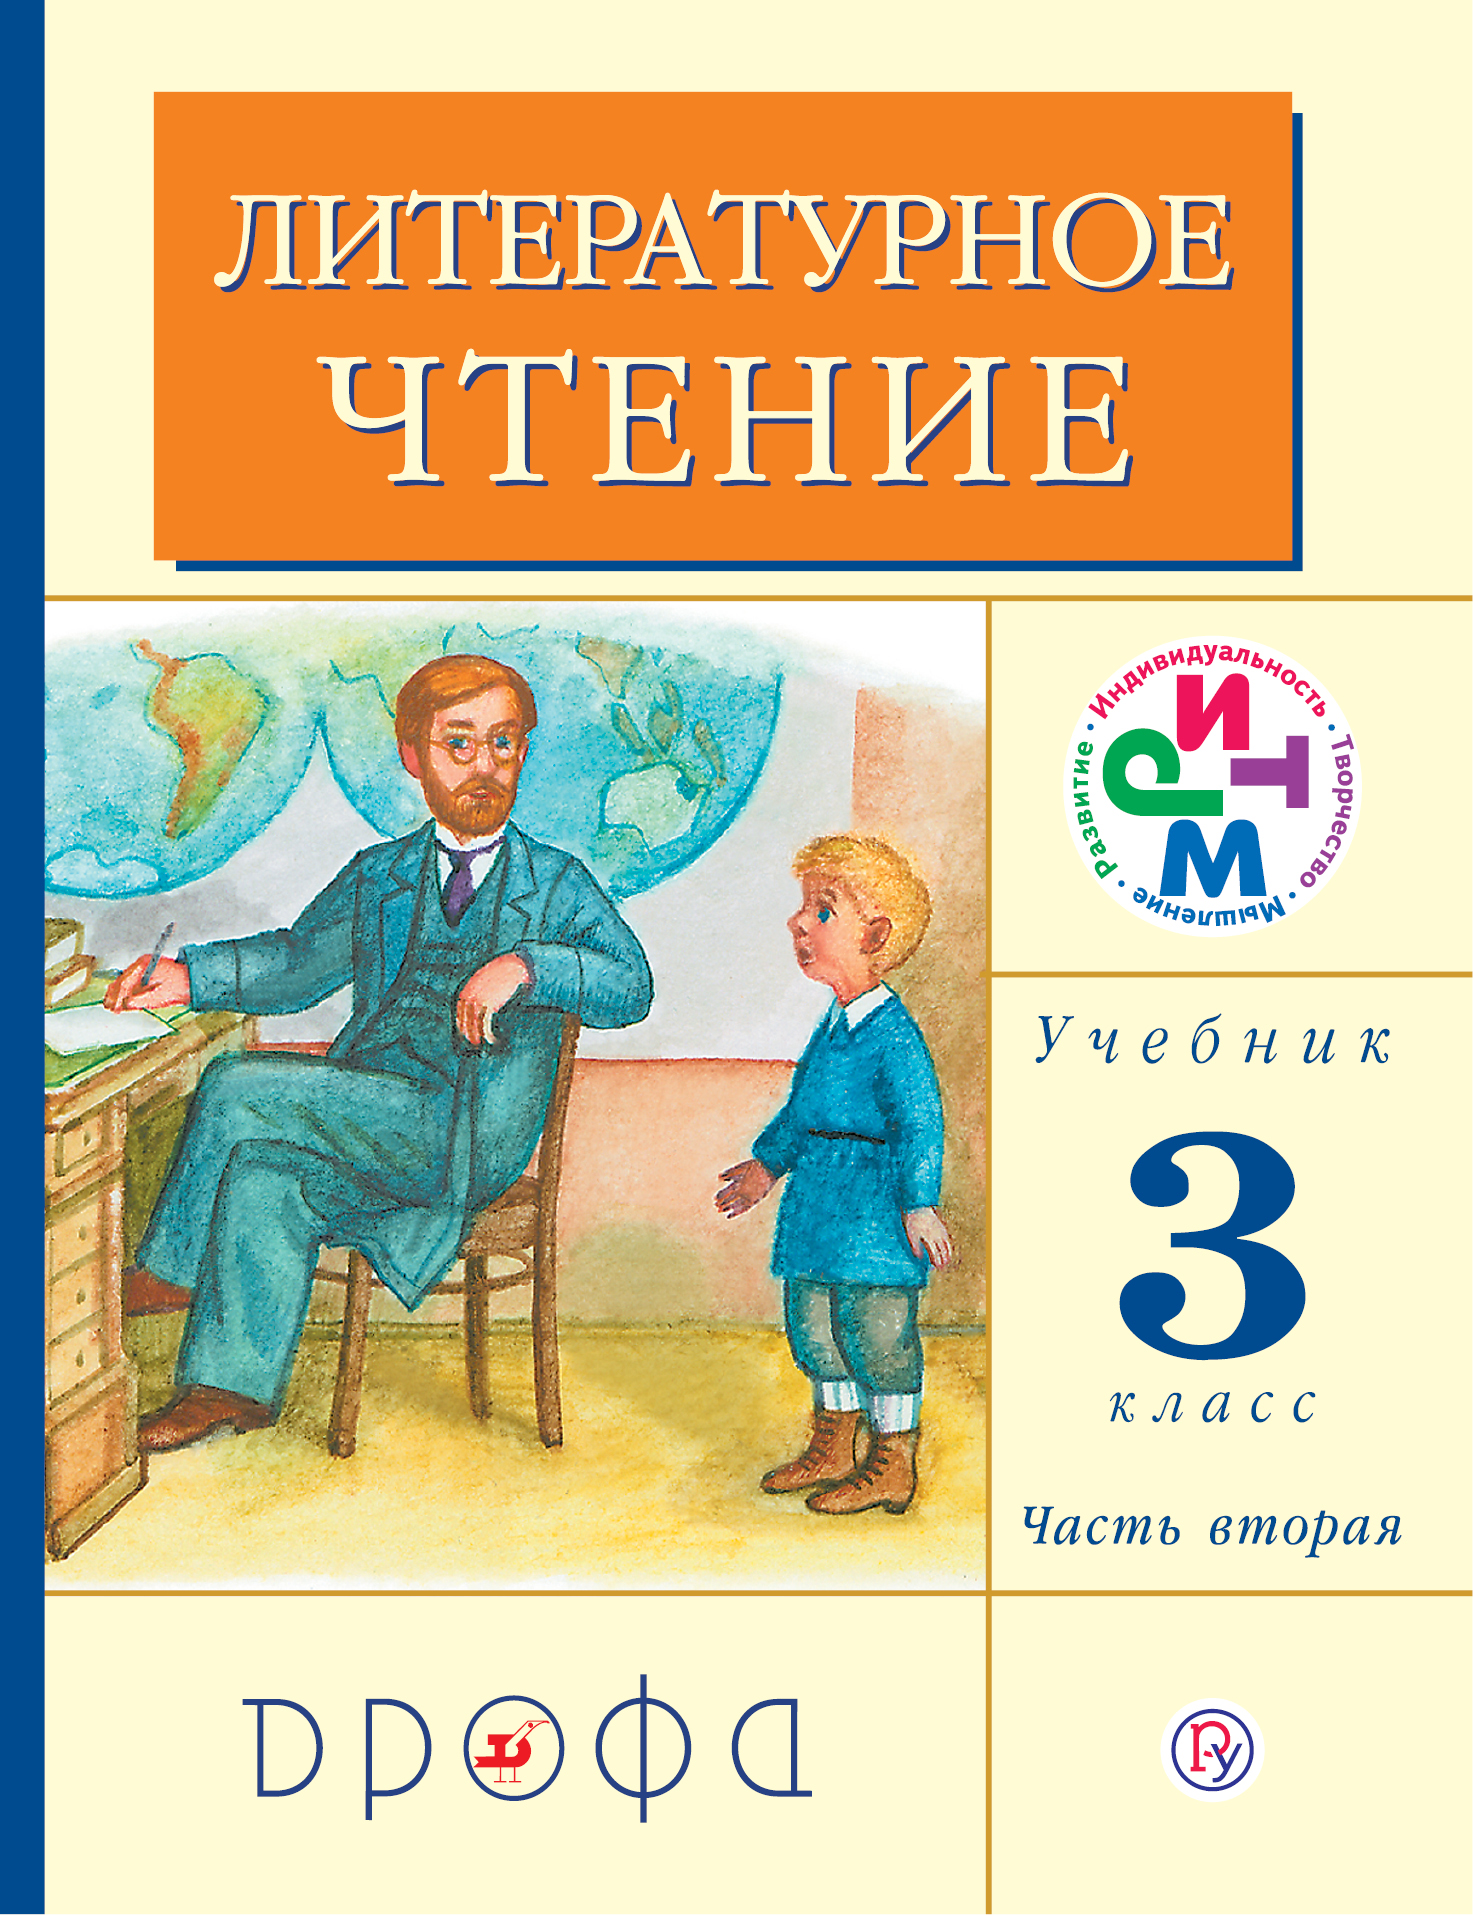 Литературное чтение. 3 класс. Учебник. Часть 2